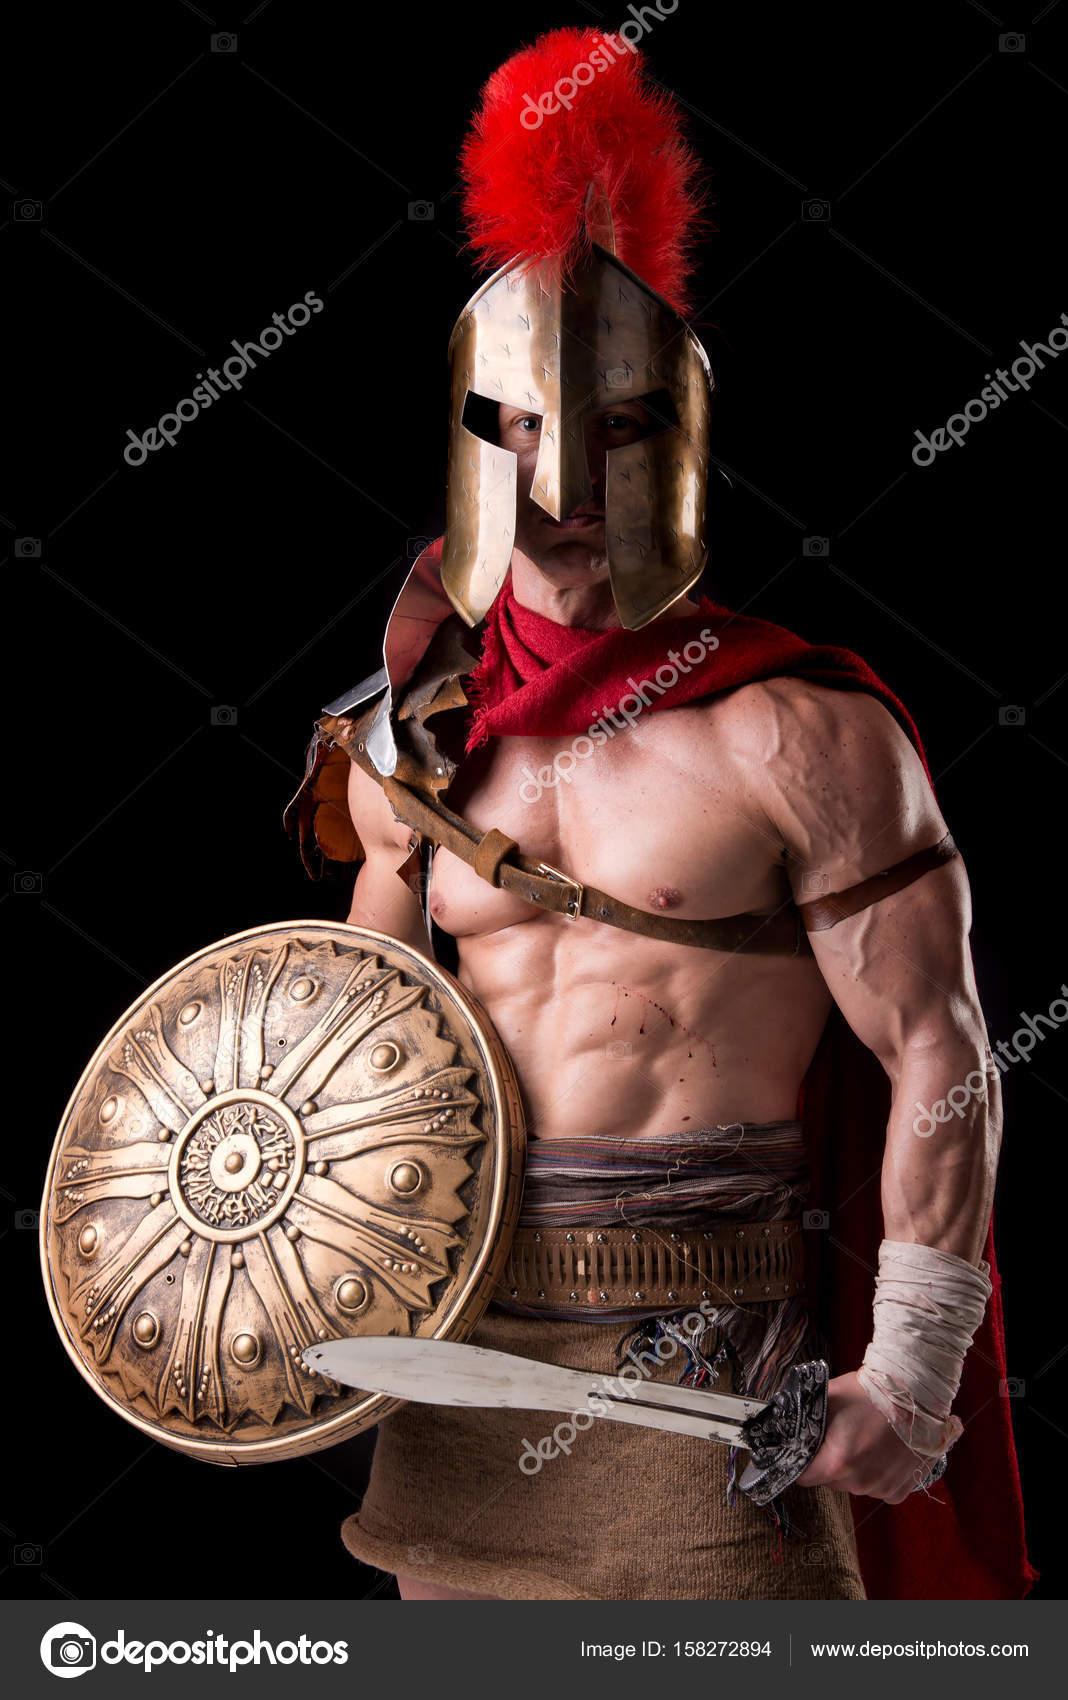 Człowiek W Zbroi Gladiator Zdjęcie Stockowe Verkoka 158272894